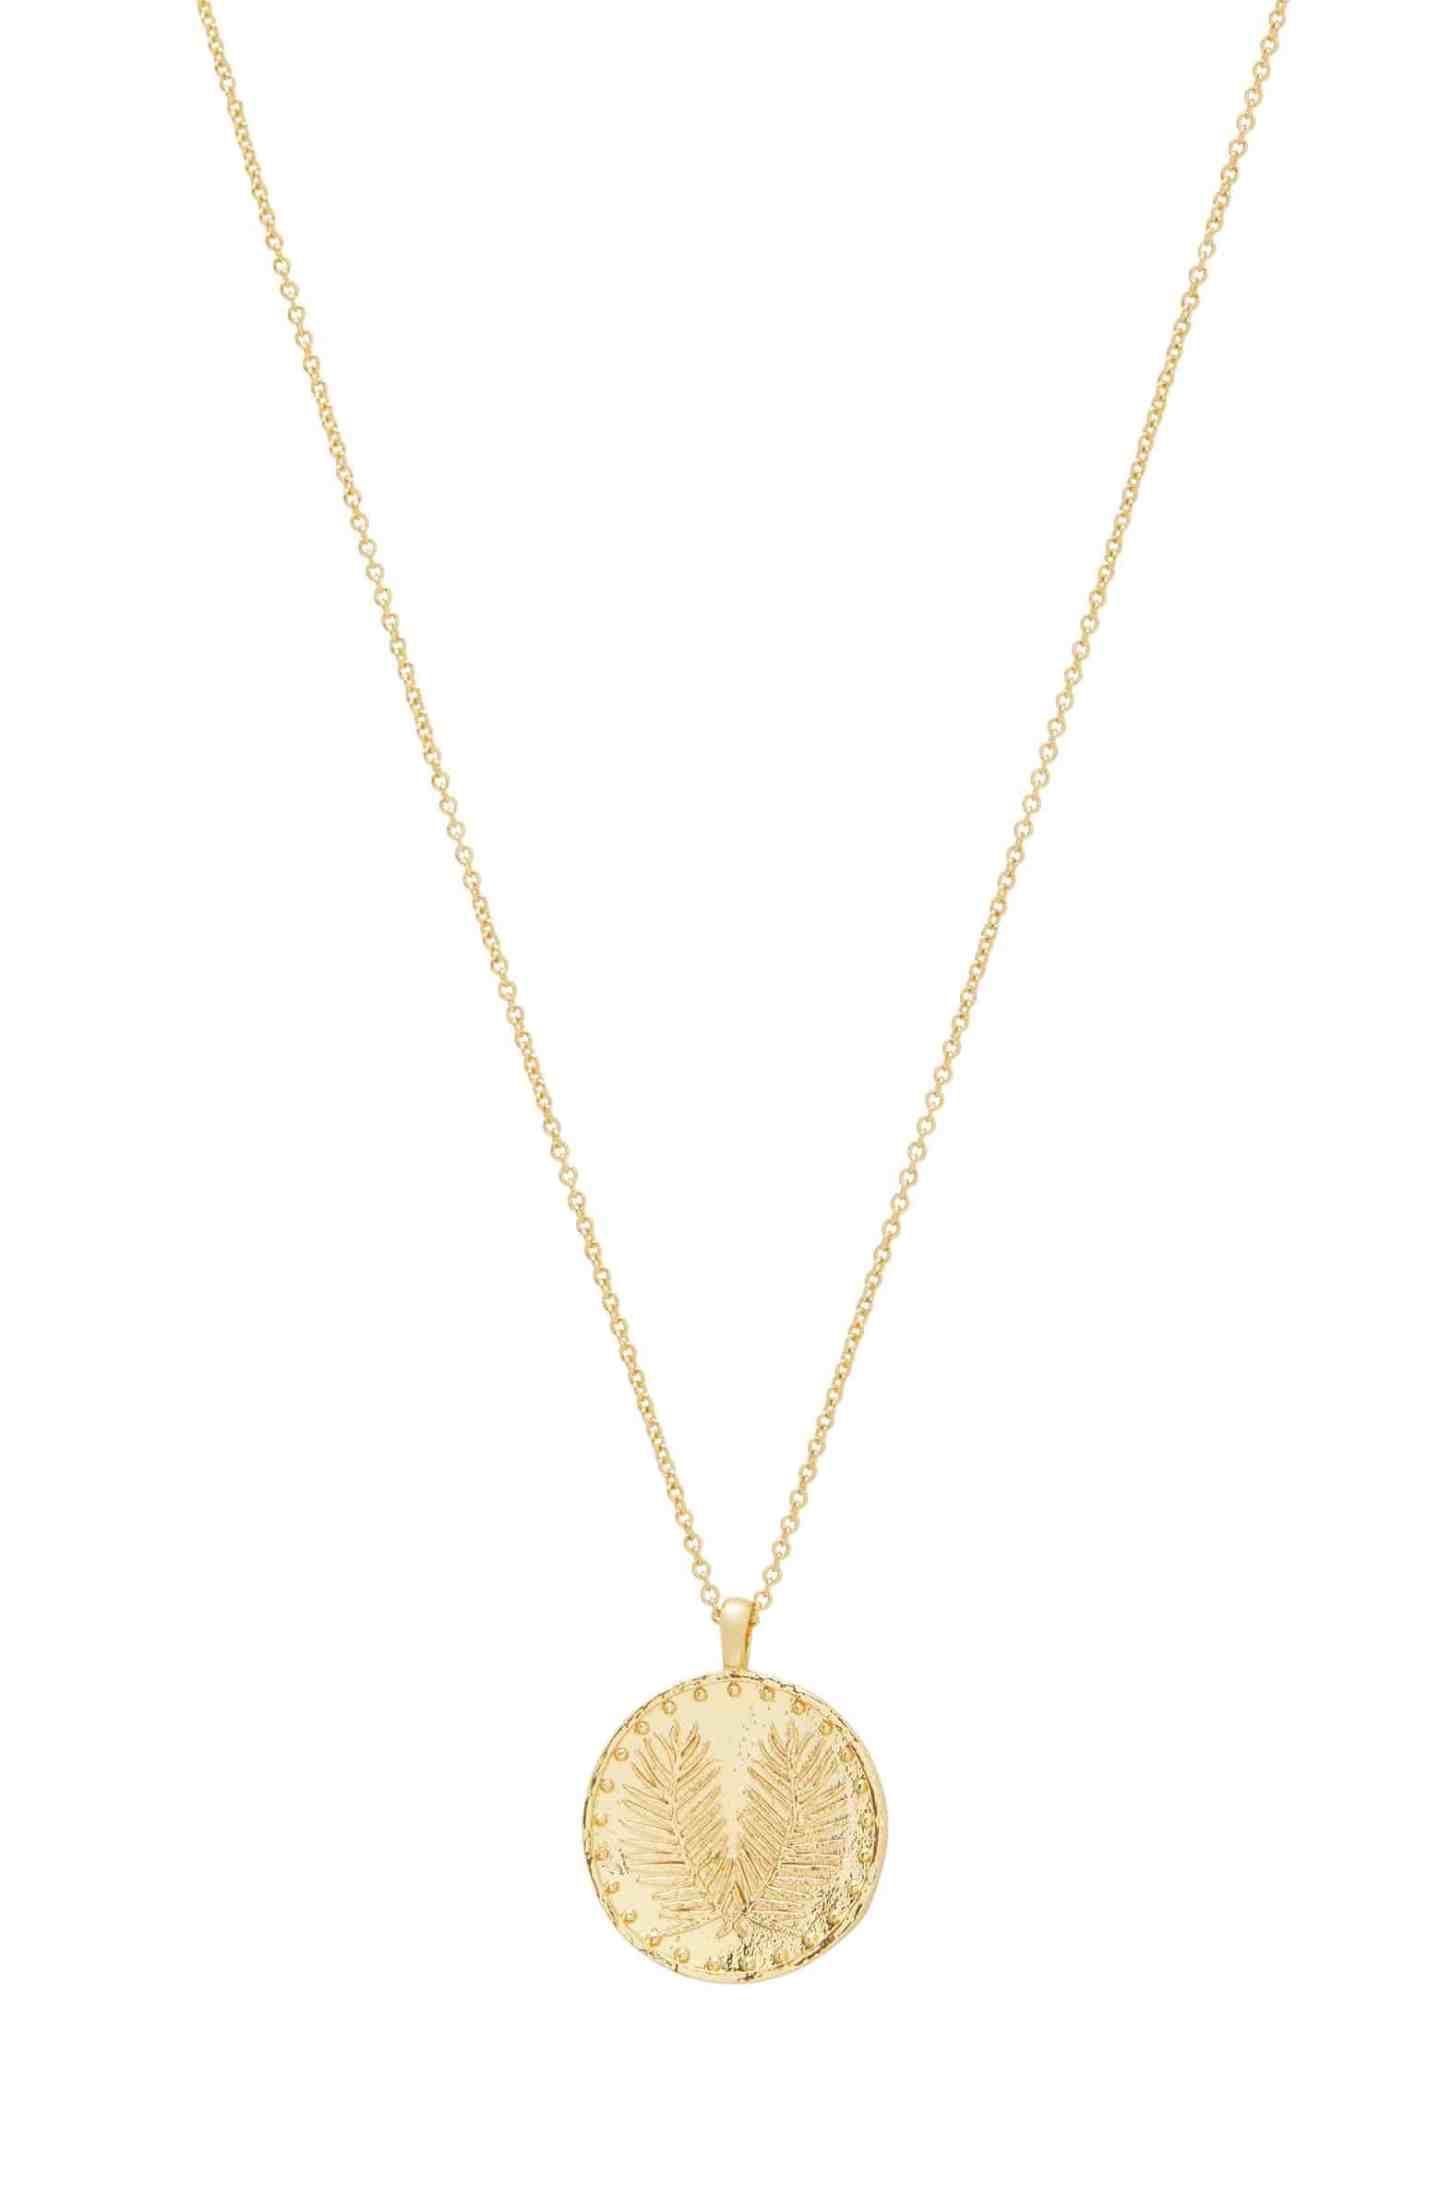 Gorjana-Gold-Palm-Pendant-Necklace